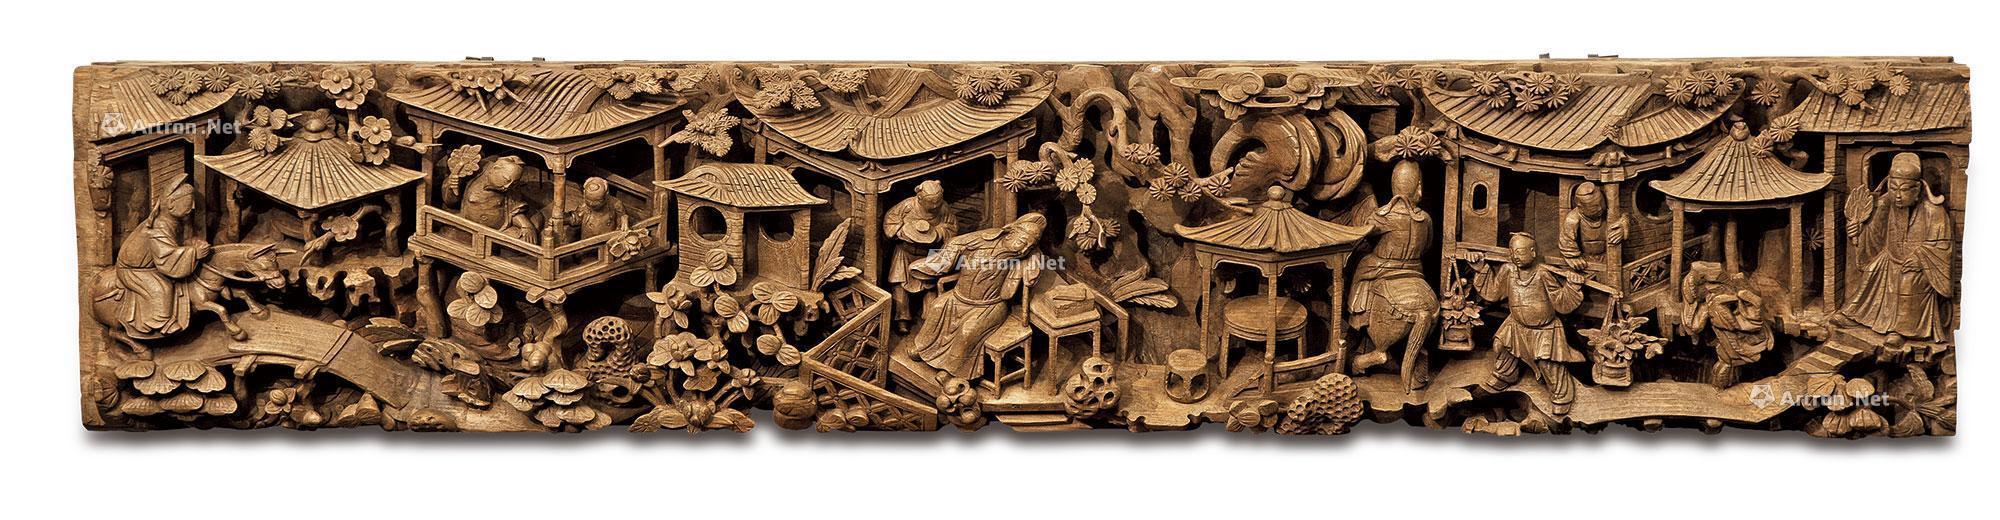 1328 明代 人物楼阁山水木雕